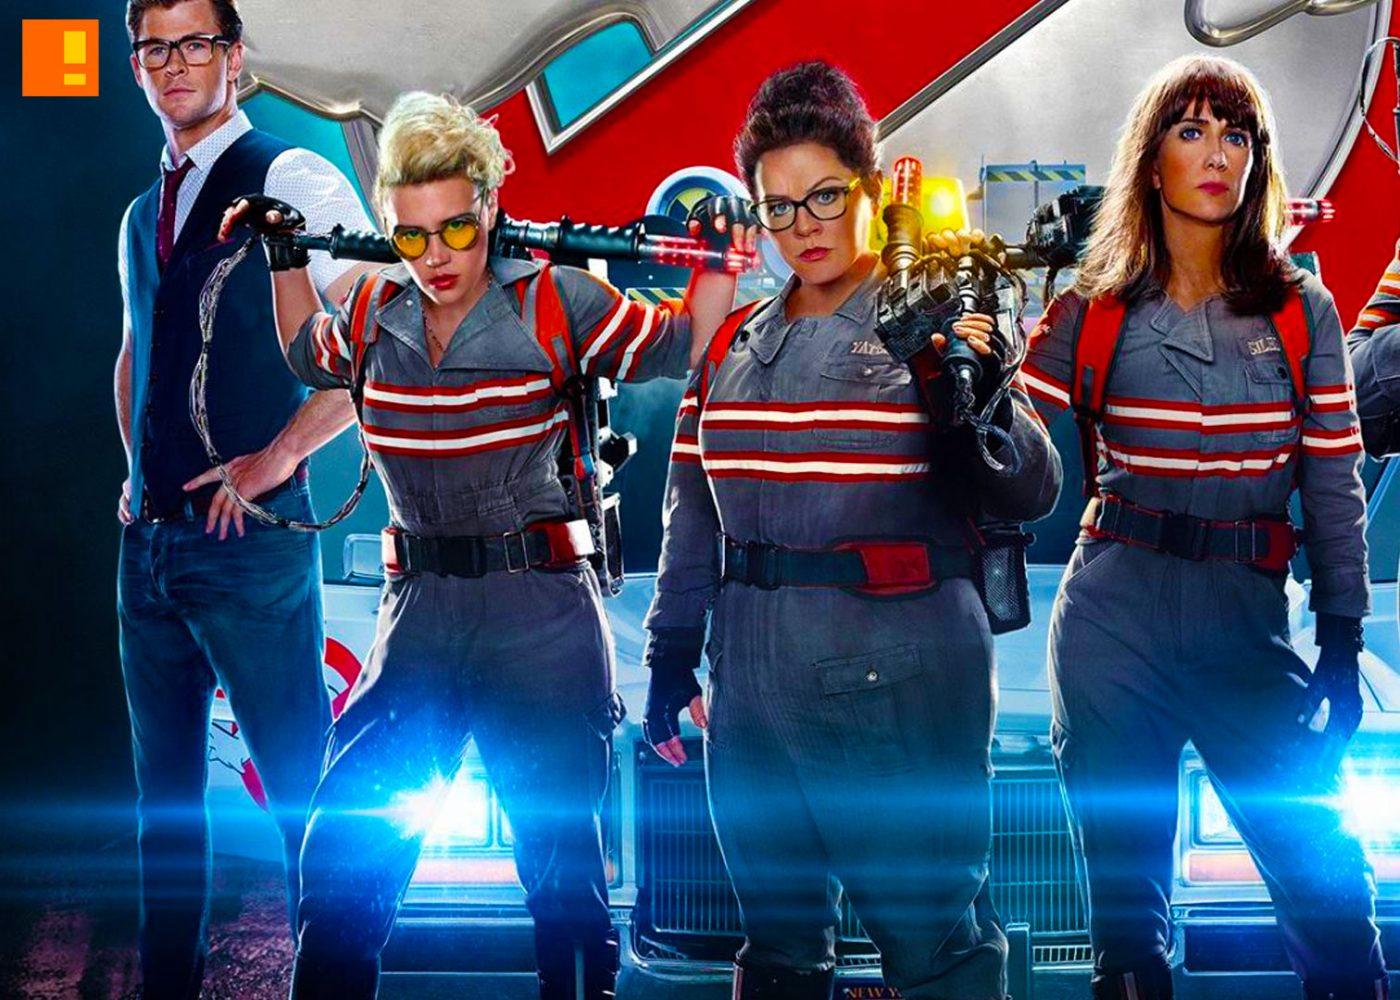 ghostbusters, sony, the action pixel,@theactionpixel, Melissa McCarthy, Kristen Wiig, Kate McKinnon, Leslie Jones, Chris Hemsworth